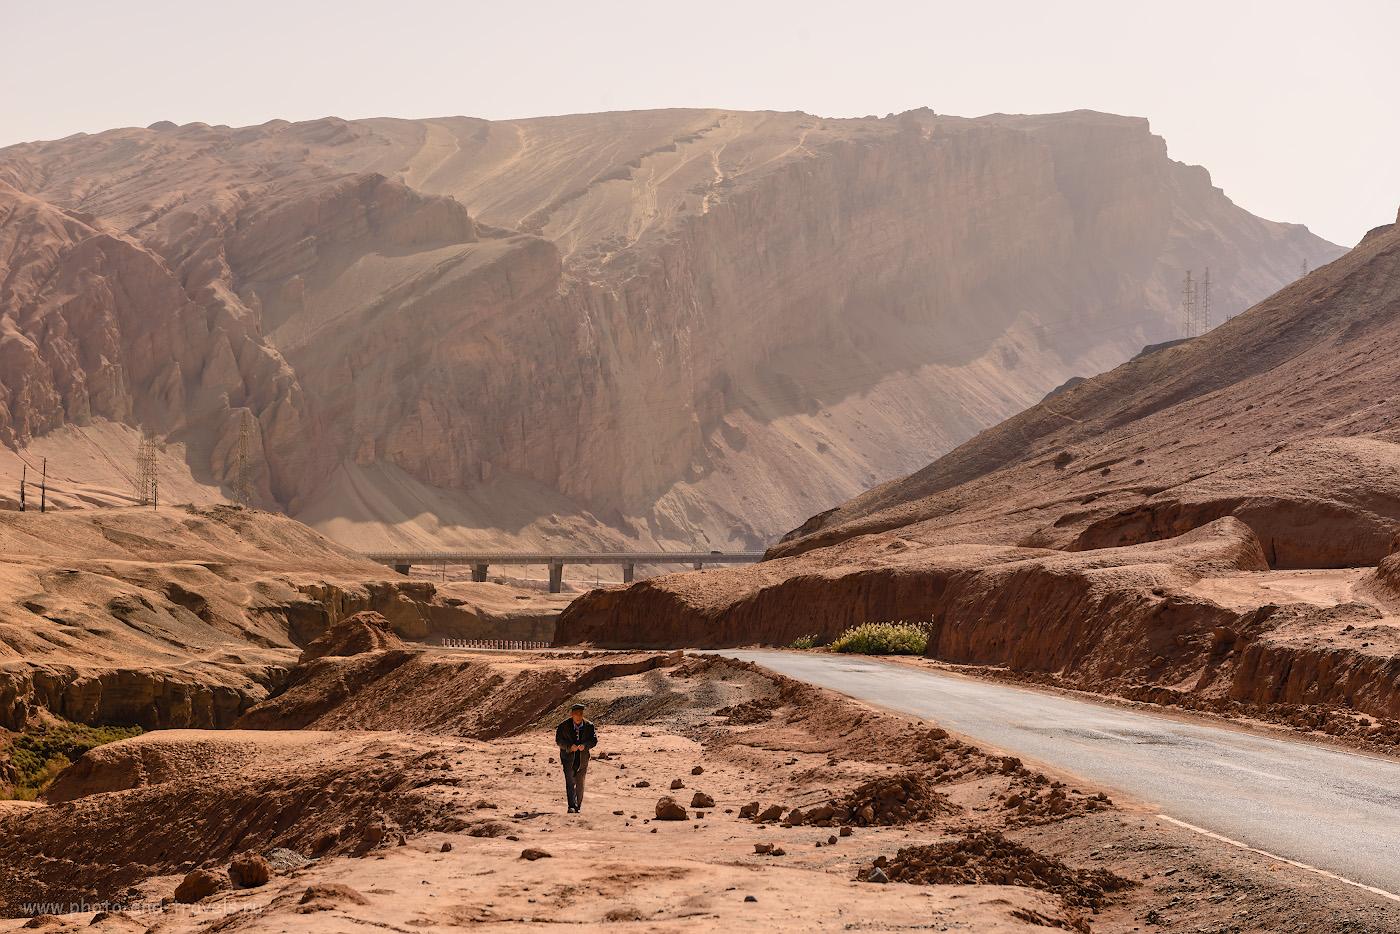 Снимок 24. Одинокий уйгур в Пылающих горах Синьцзян-Уйгурского автономного района Китая. 1/500, -0.67, 8.0, 100, 60.